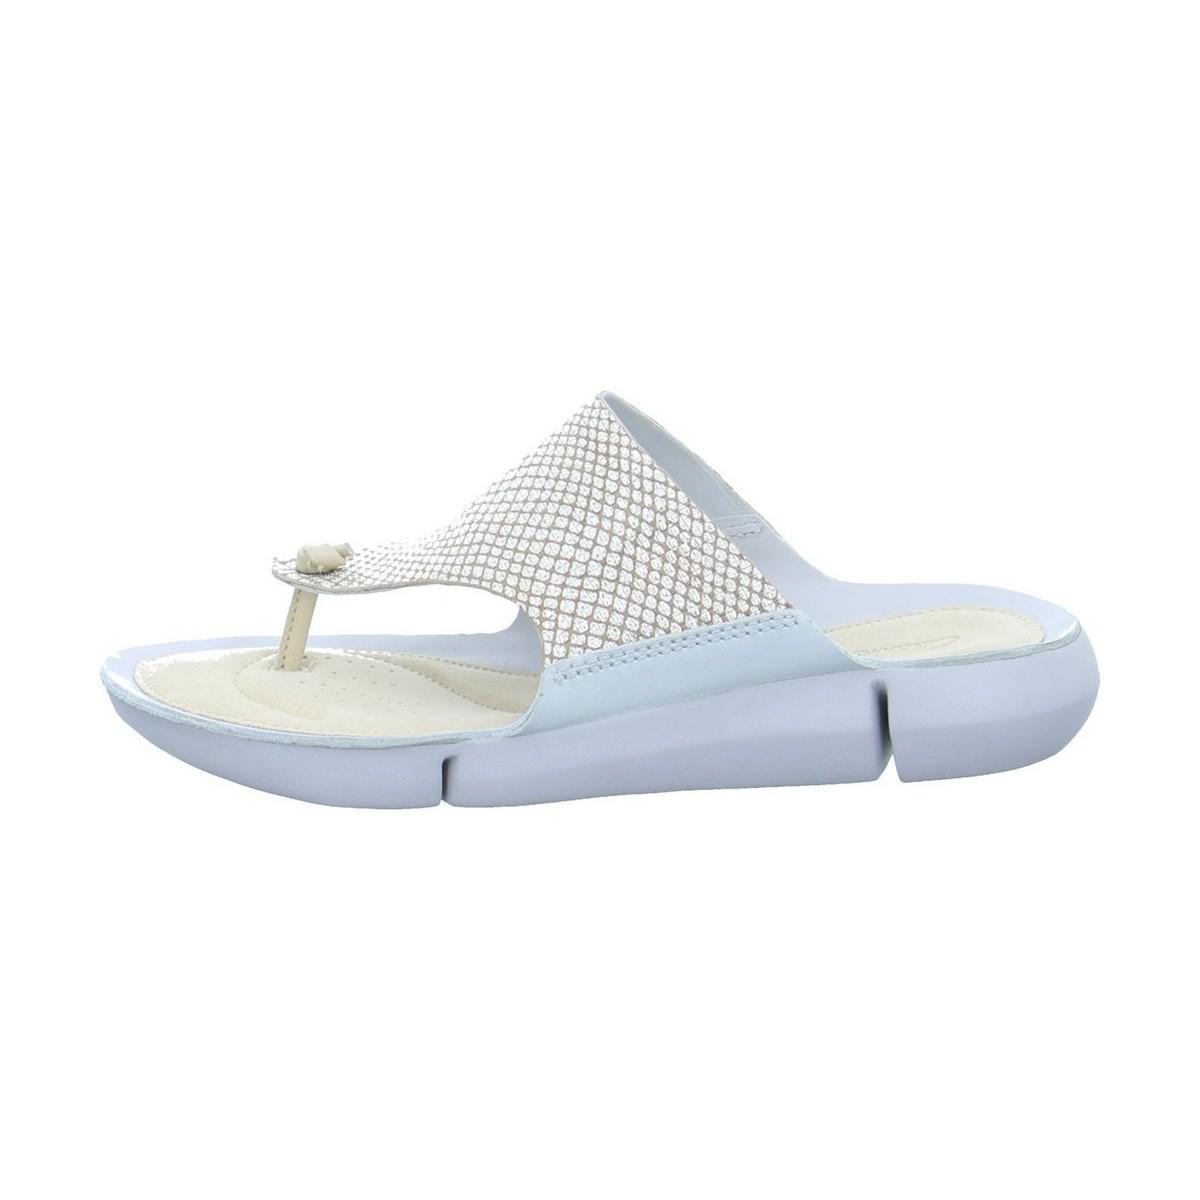 b5a50e382 Clarks Tri Carmen Women s Flip Flops   Sandals (shoes) In Pink in ...